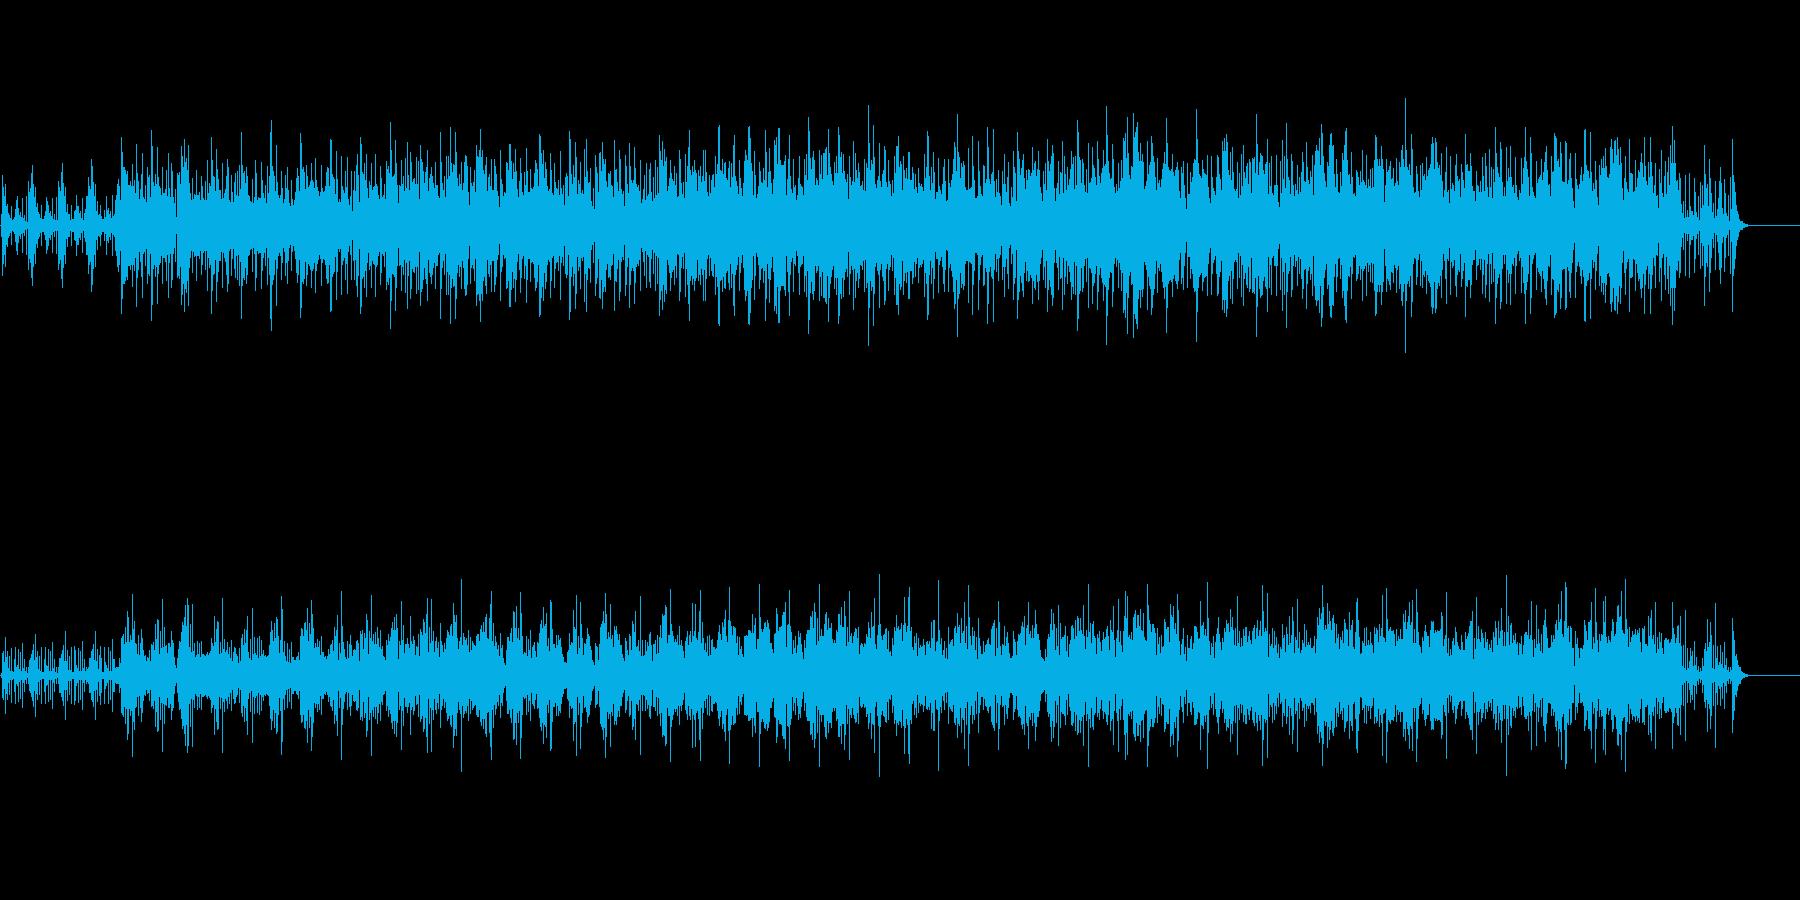 淡々としたアンビエント・ミュージック風の再生済みの波形